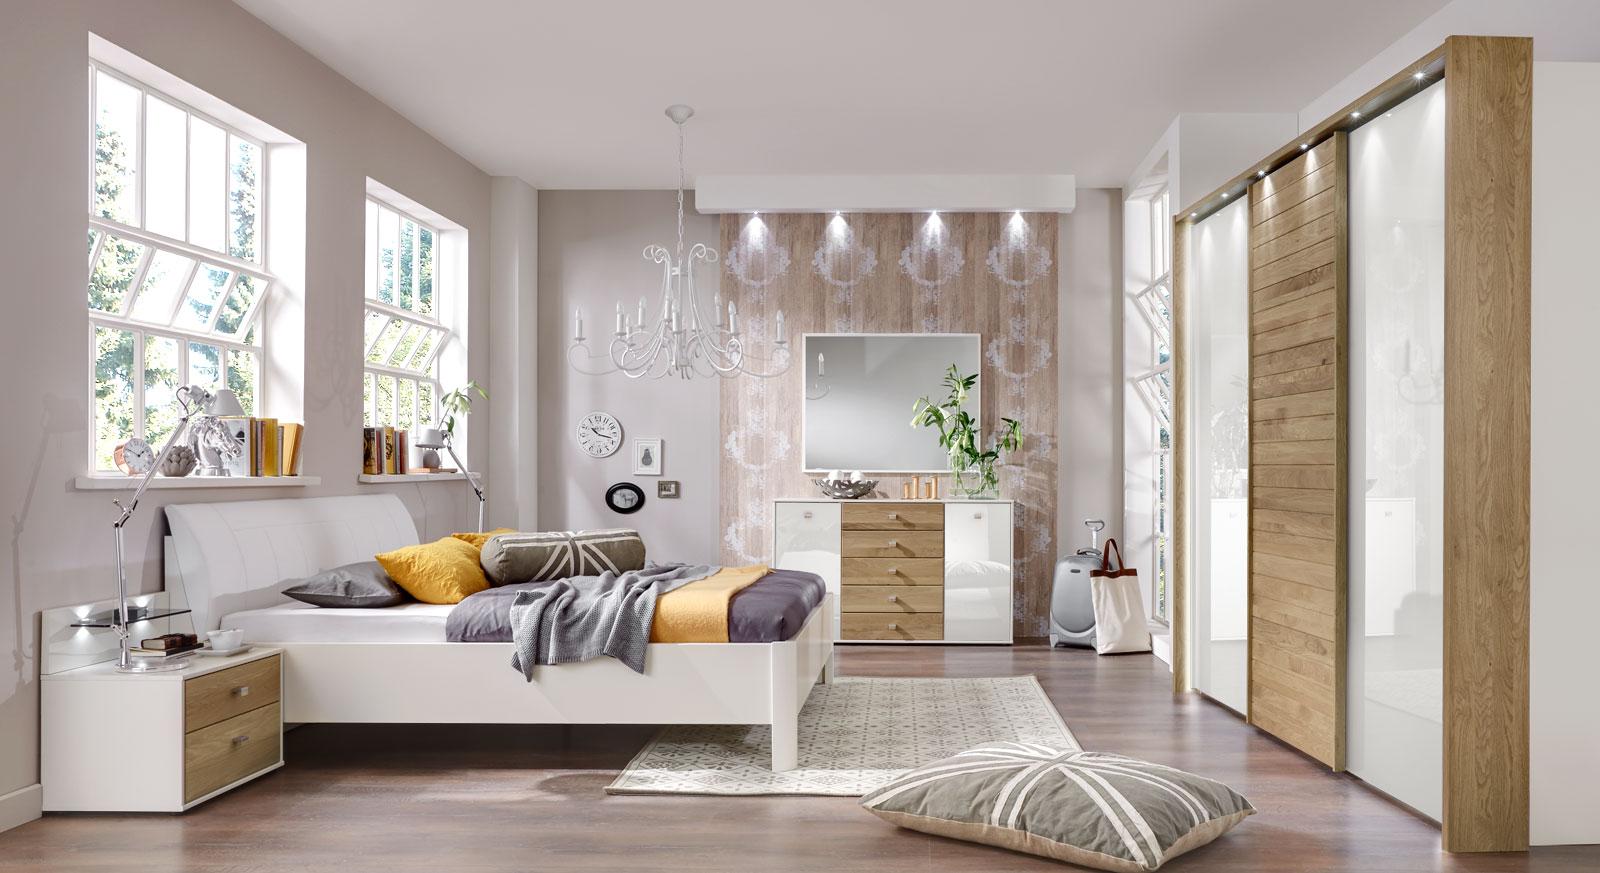 edles komplett schlafzimmer in wei und eiche massiv koga. Black Bedroom Furniture Sets. Home Design Ideas